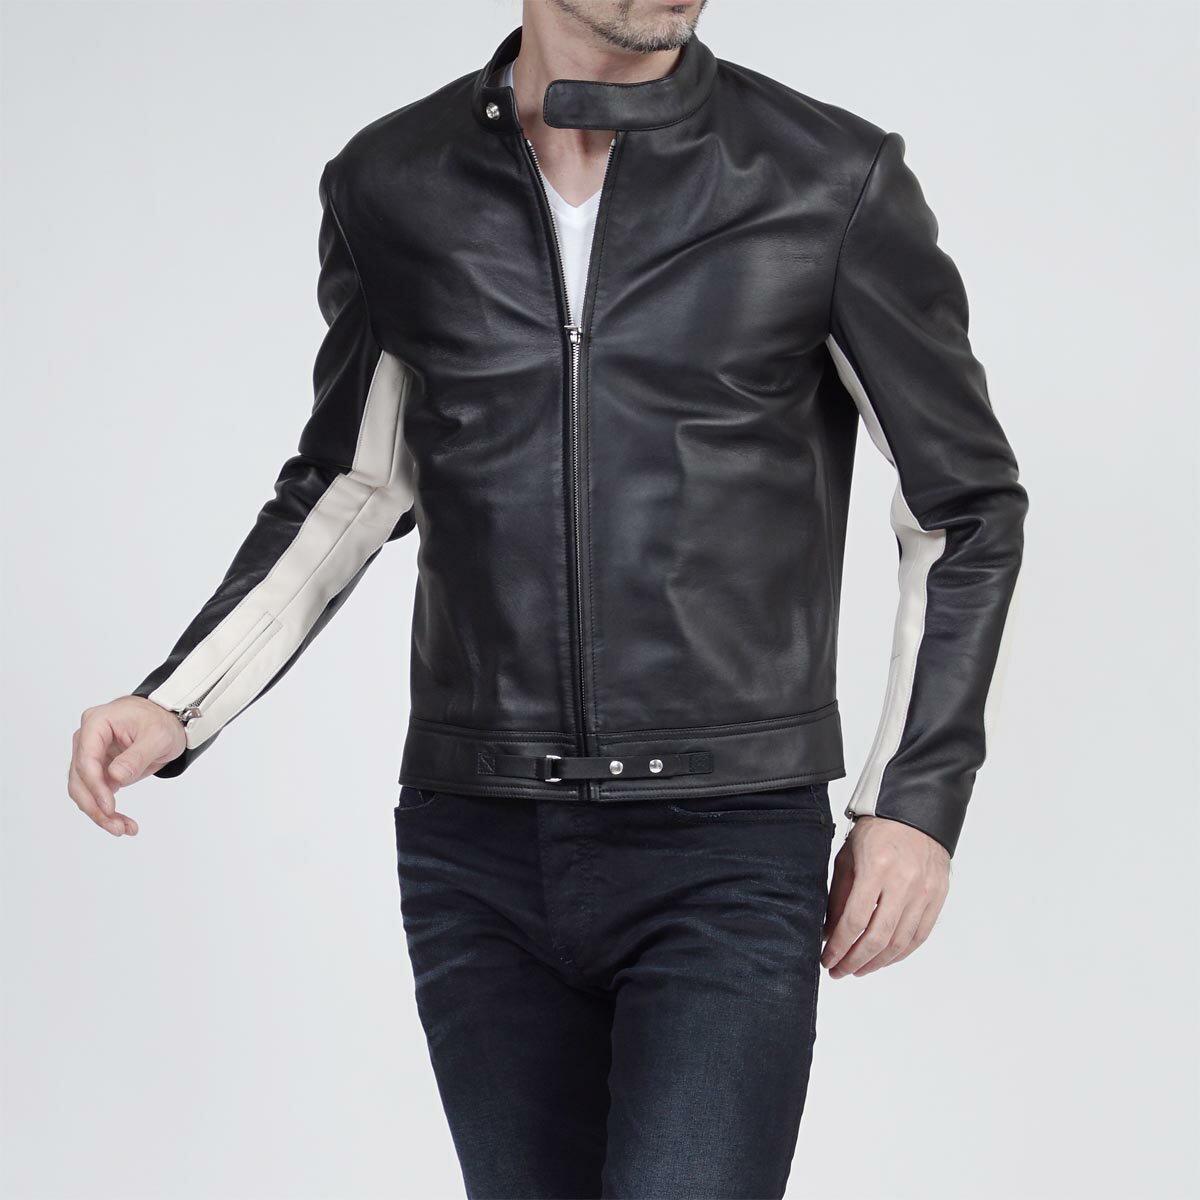 メゾンマルジェラ Maison Margiela ライダースジャケット 14 LEATHER BLACK ブラック系 s30am0362 sy0416 963 メンズ【ラッピング無料】【返品送料無料】【あす楽対応_関東】:モダンブルー